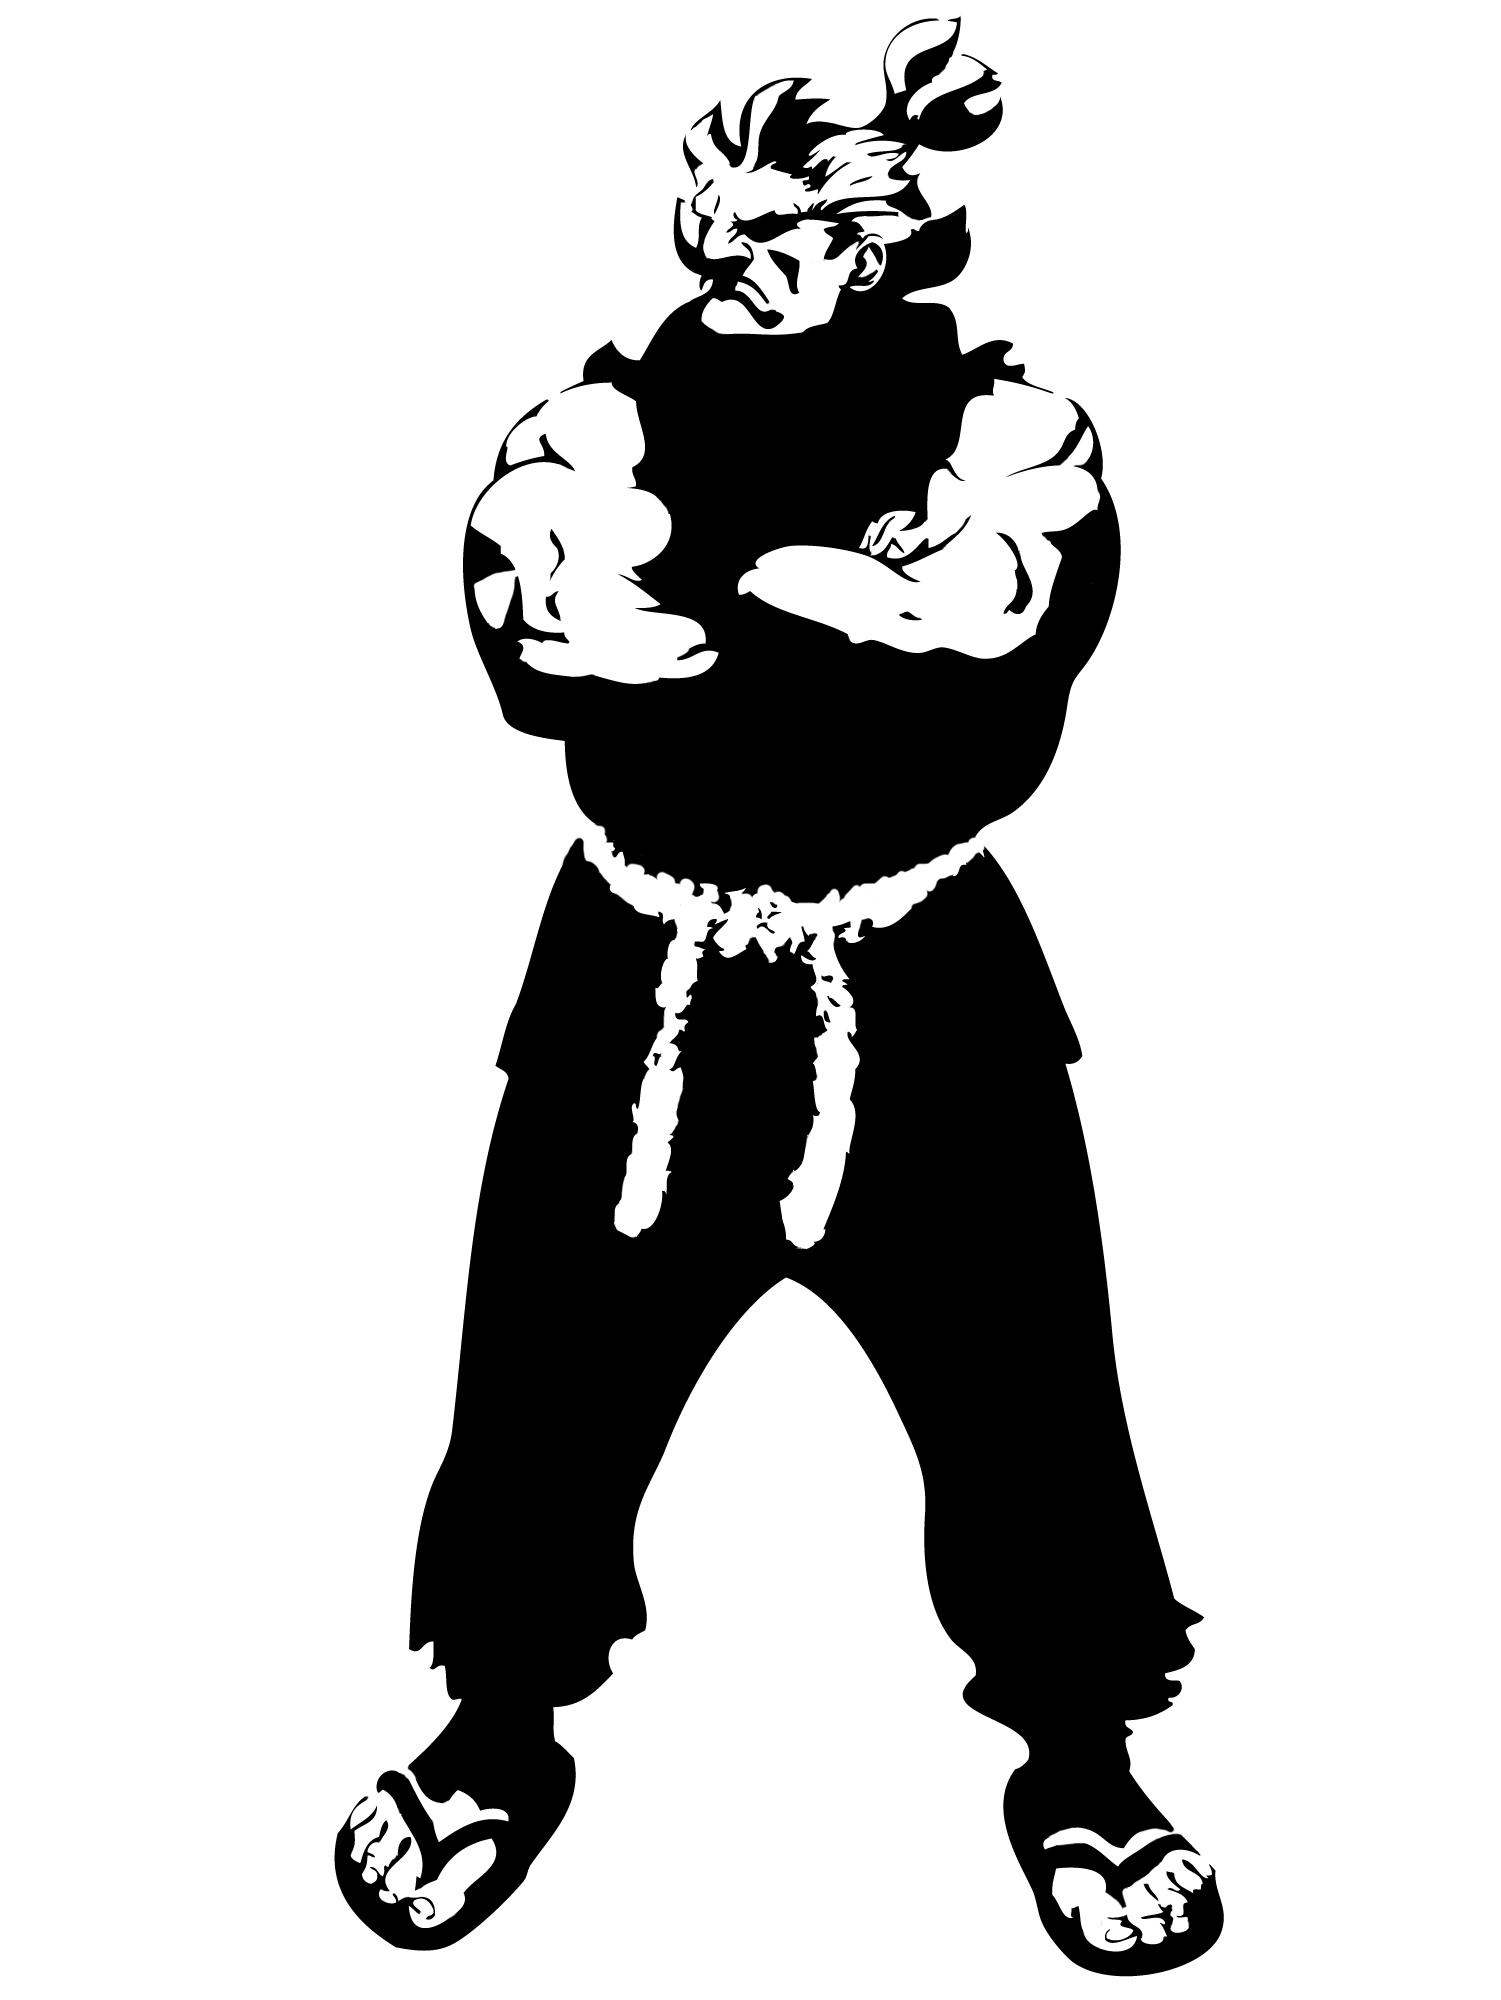 Akuma orrrrr Gouki Stencil by Branbot on DeviantArt.